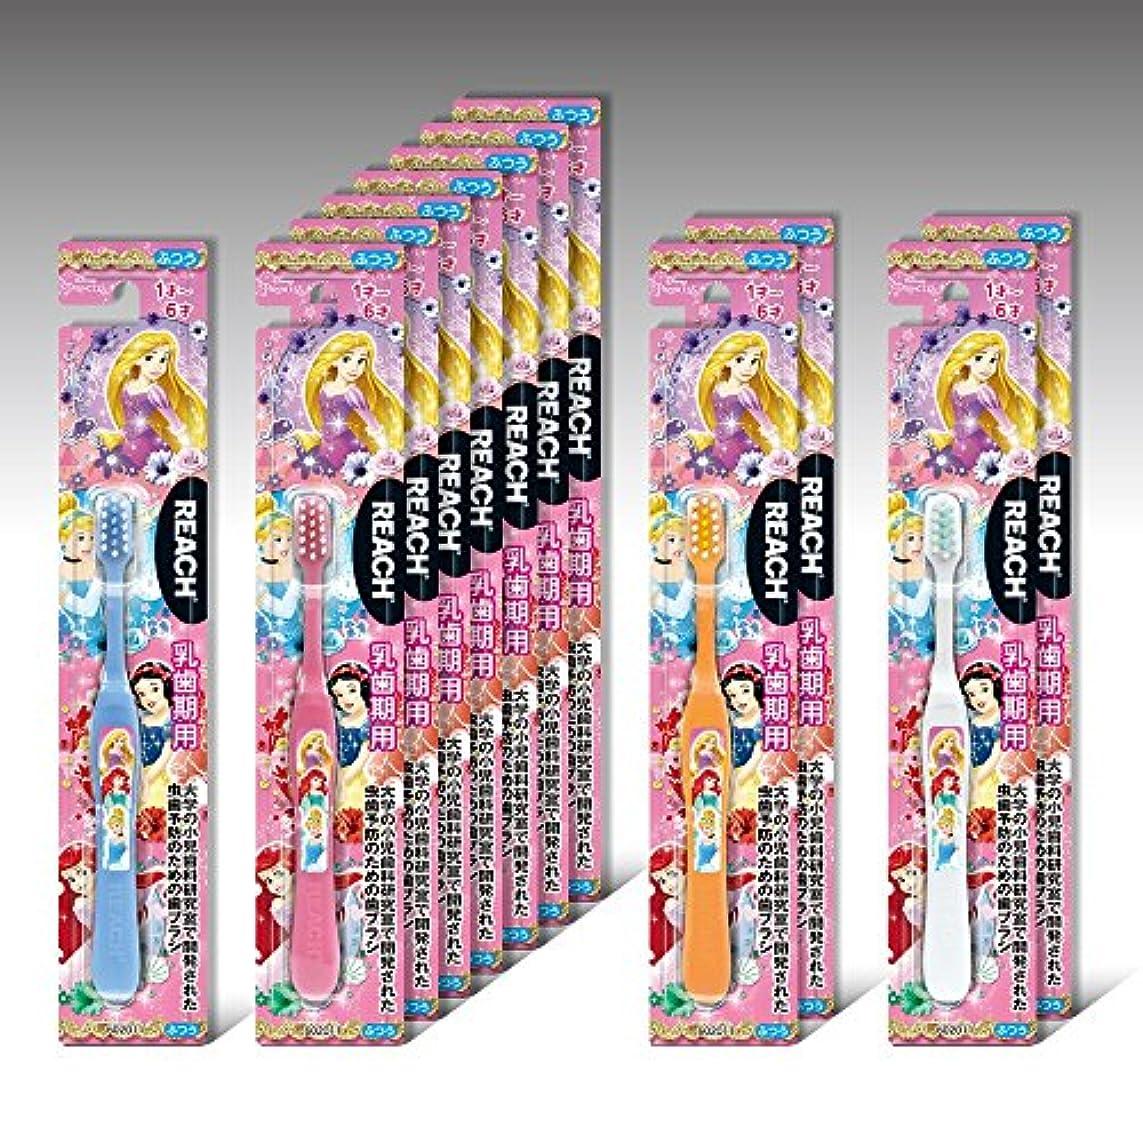 ためらう誰か商品リーチキッズ ディズニープリンセス 乳歯期用(1~6才) 12本セット